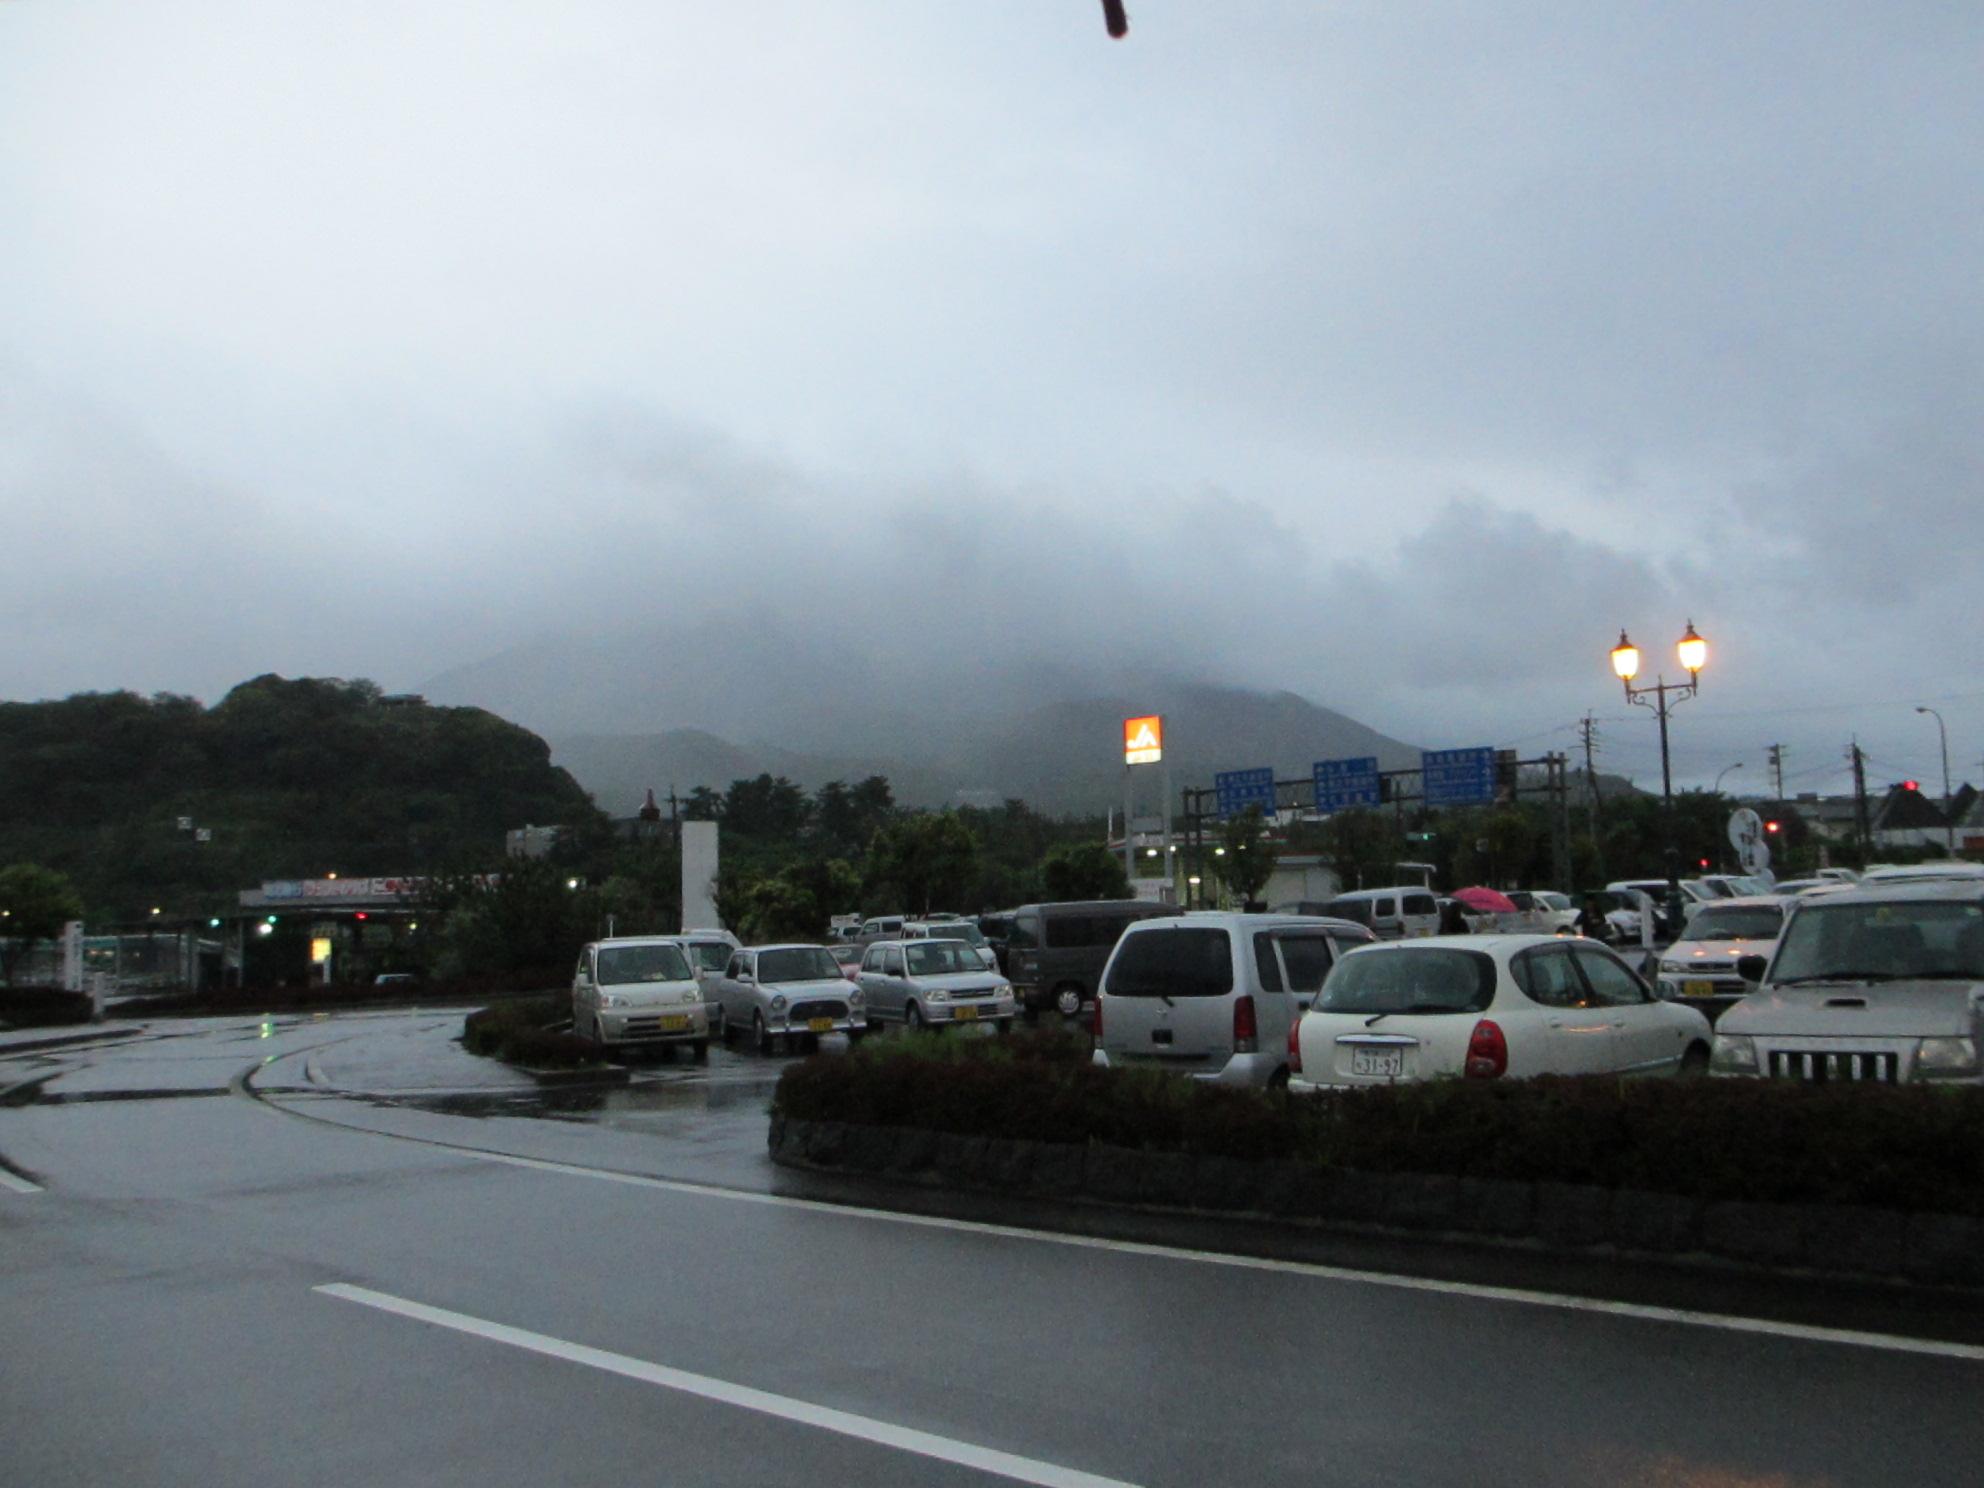 鹿児島帰郷レポート 桜島へ渡る_d0202264_2214285.jpg